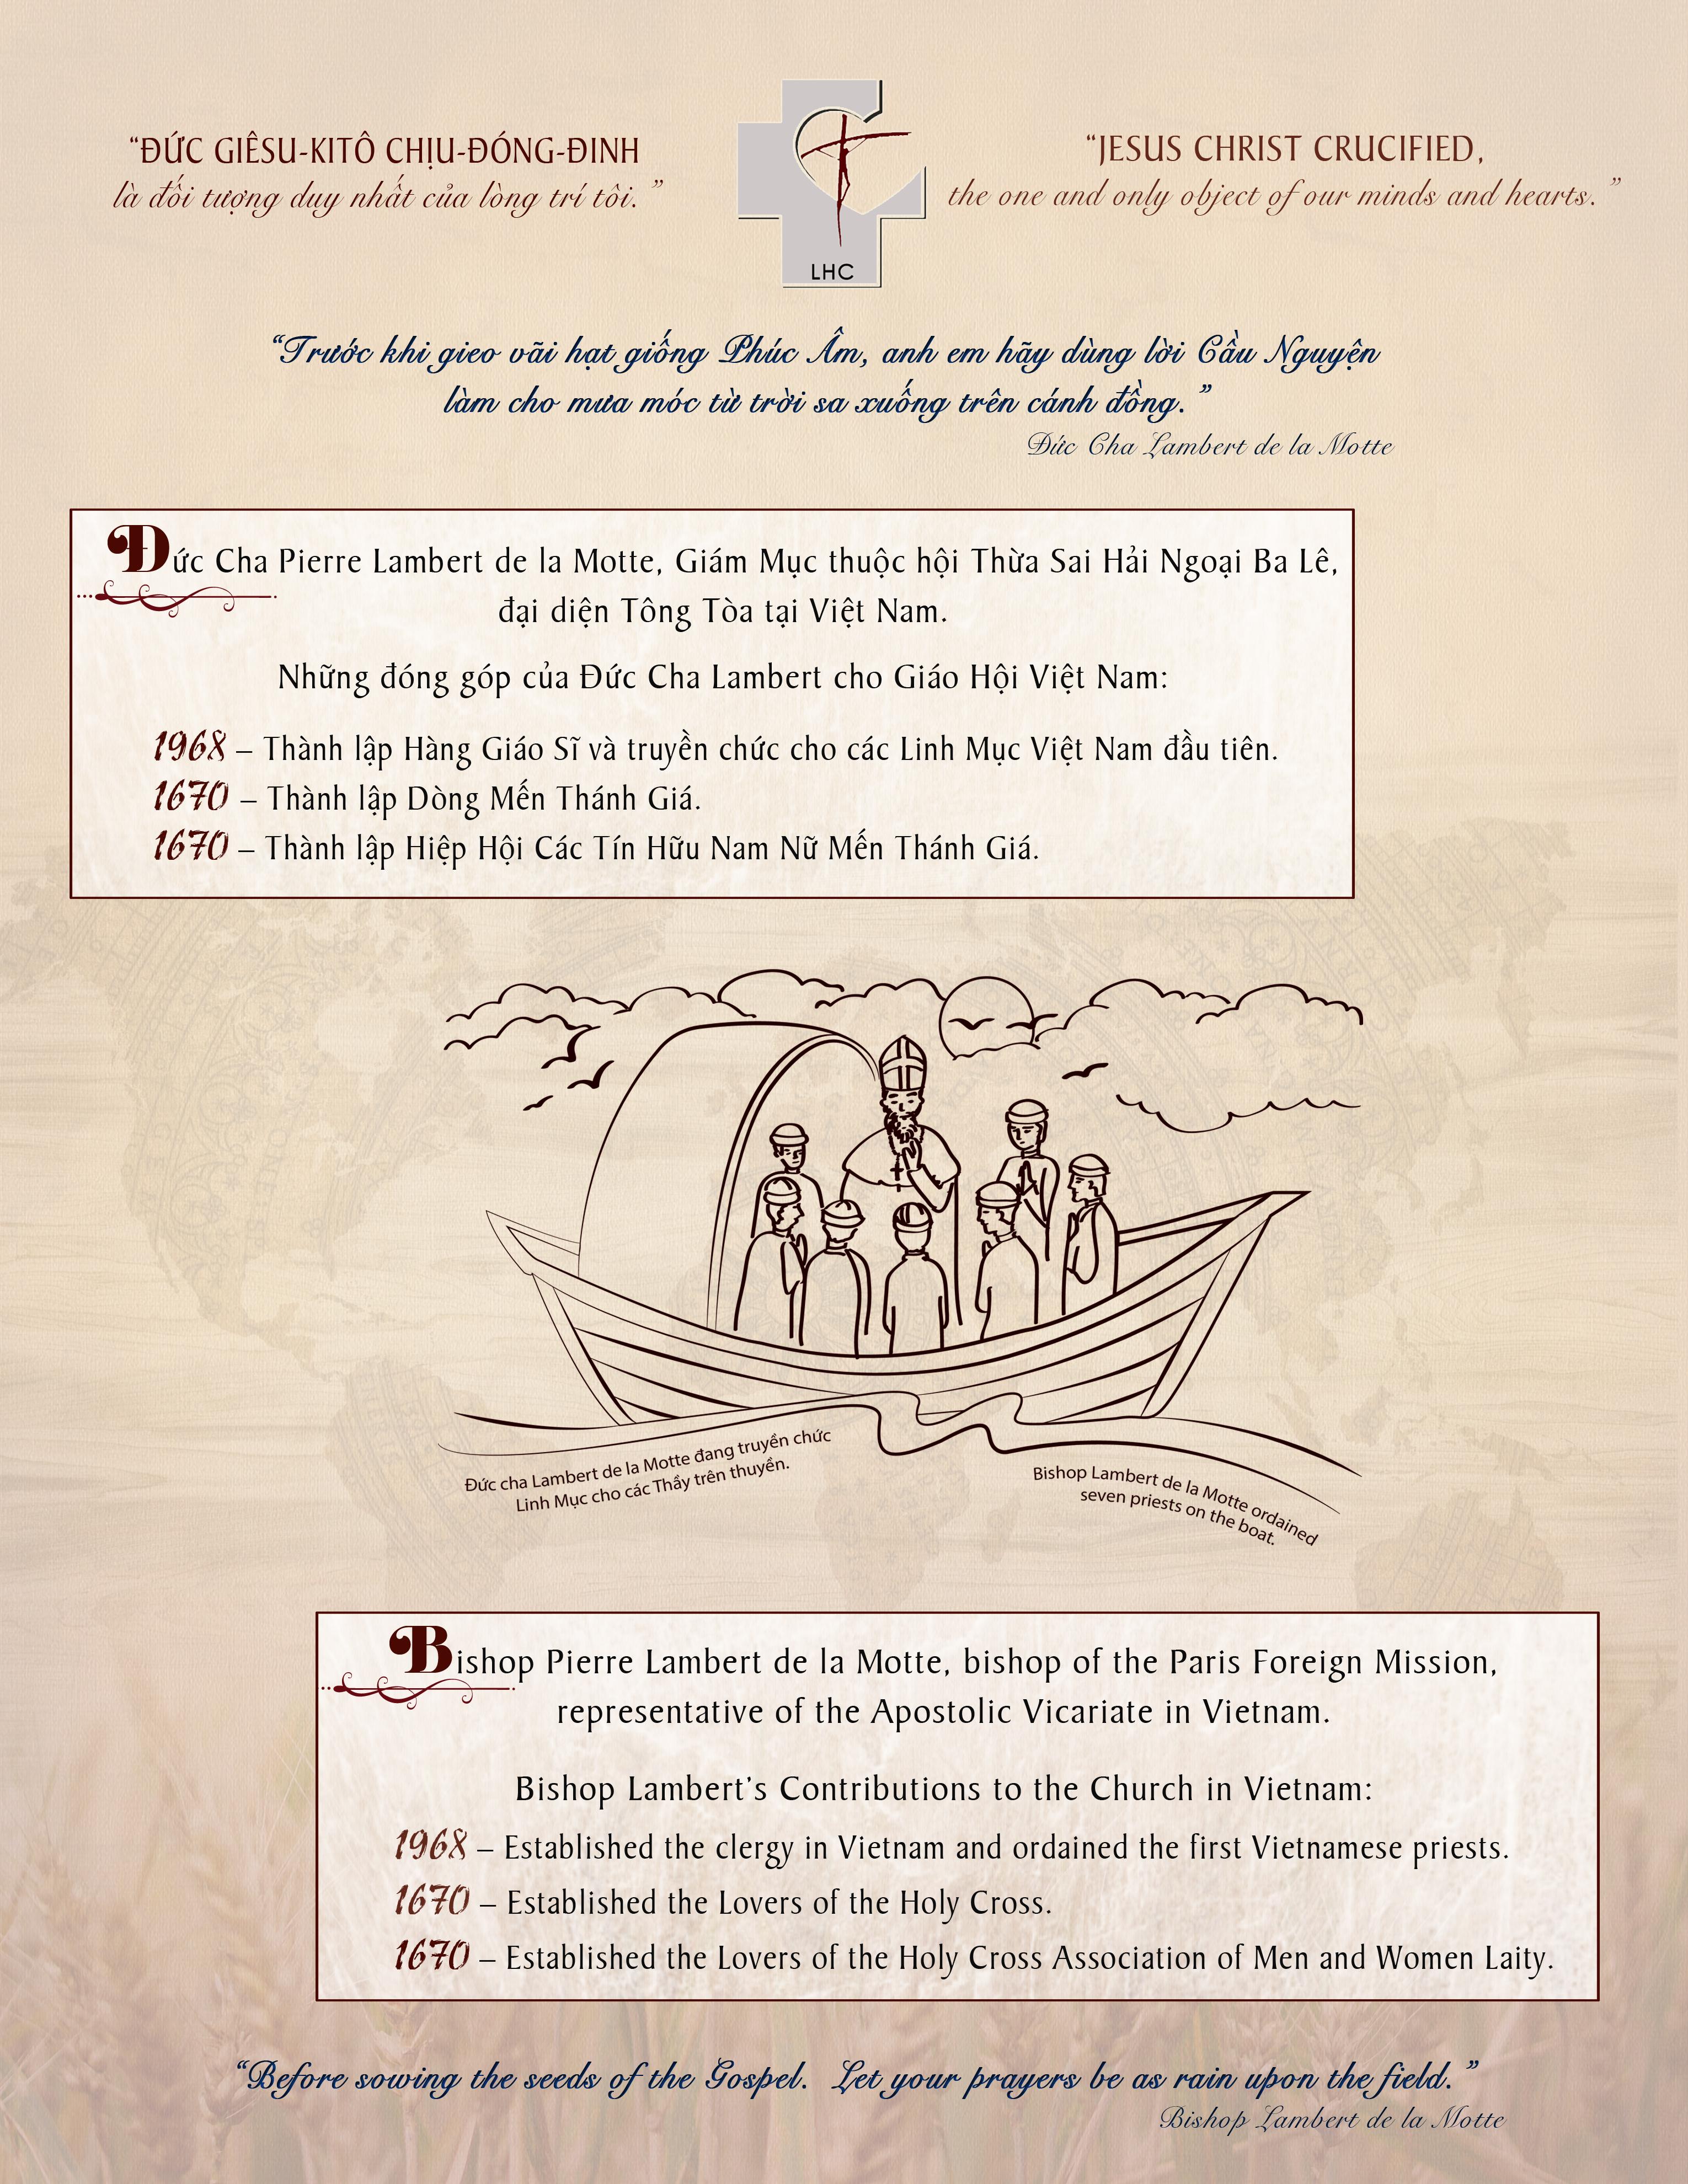 THỨ BẢY 14 SEPT: DÒNG MẾN THÁNH GÍA KỶ NIỆM 350 LẬP DÒNG: XIN KÍNH MỜI